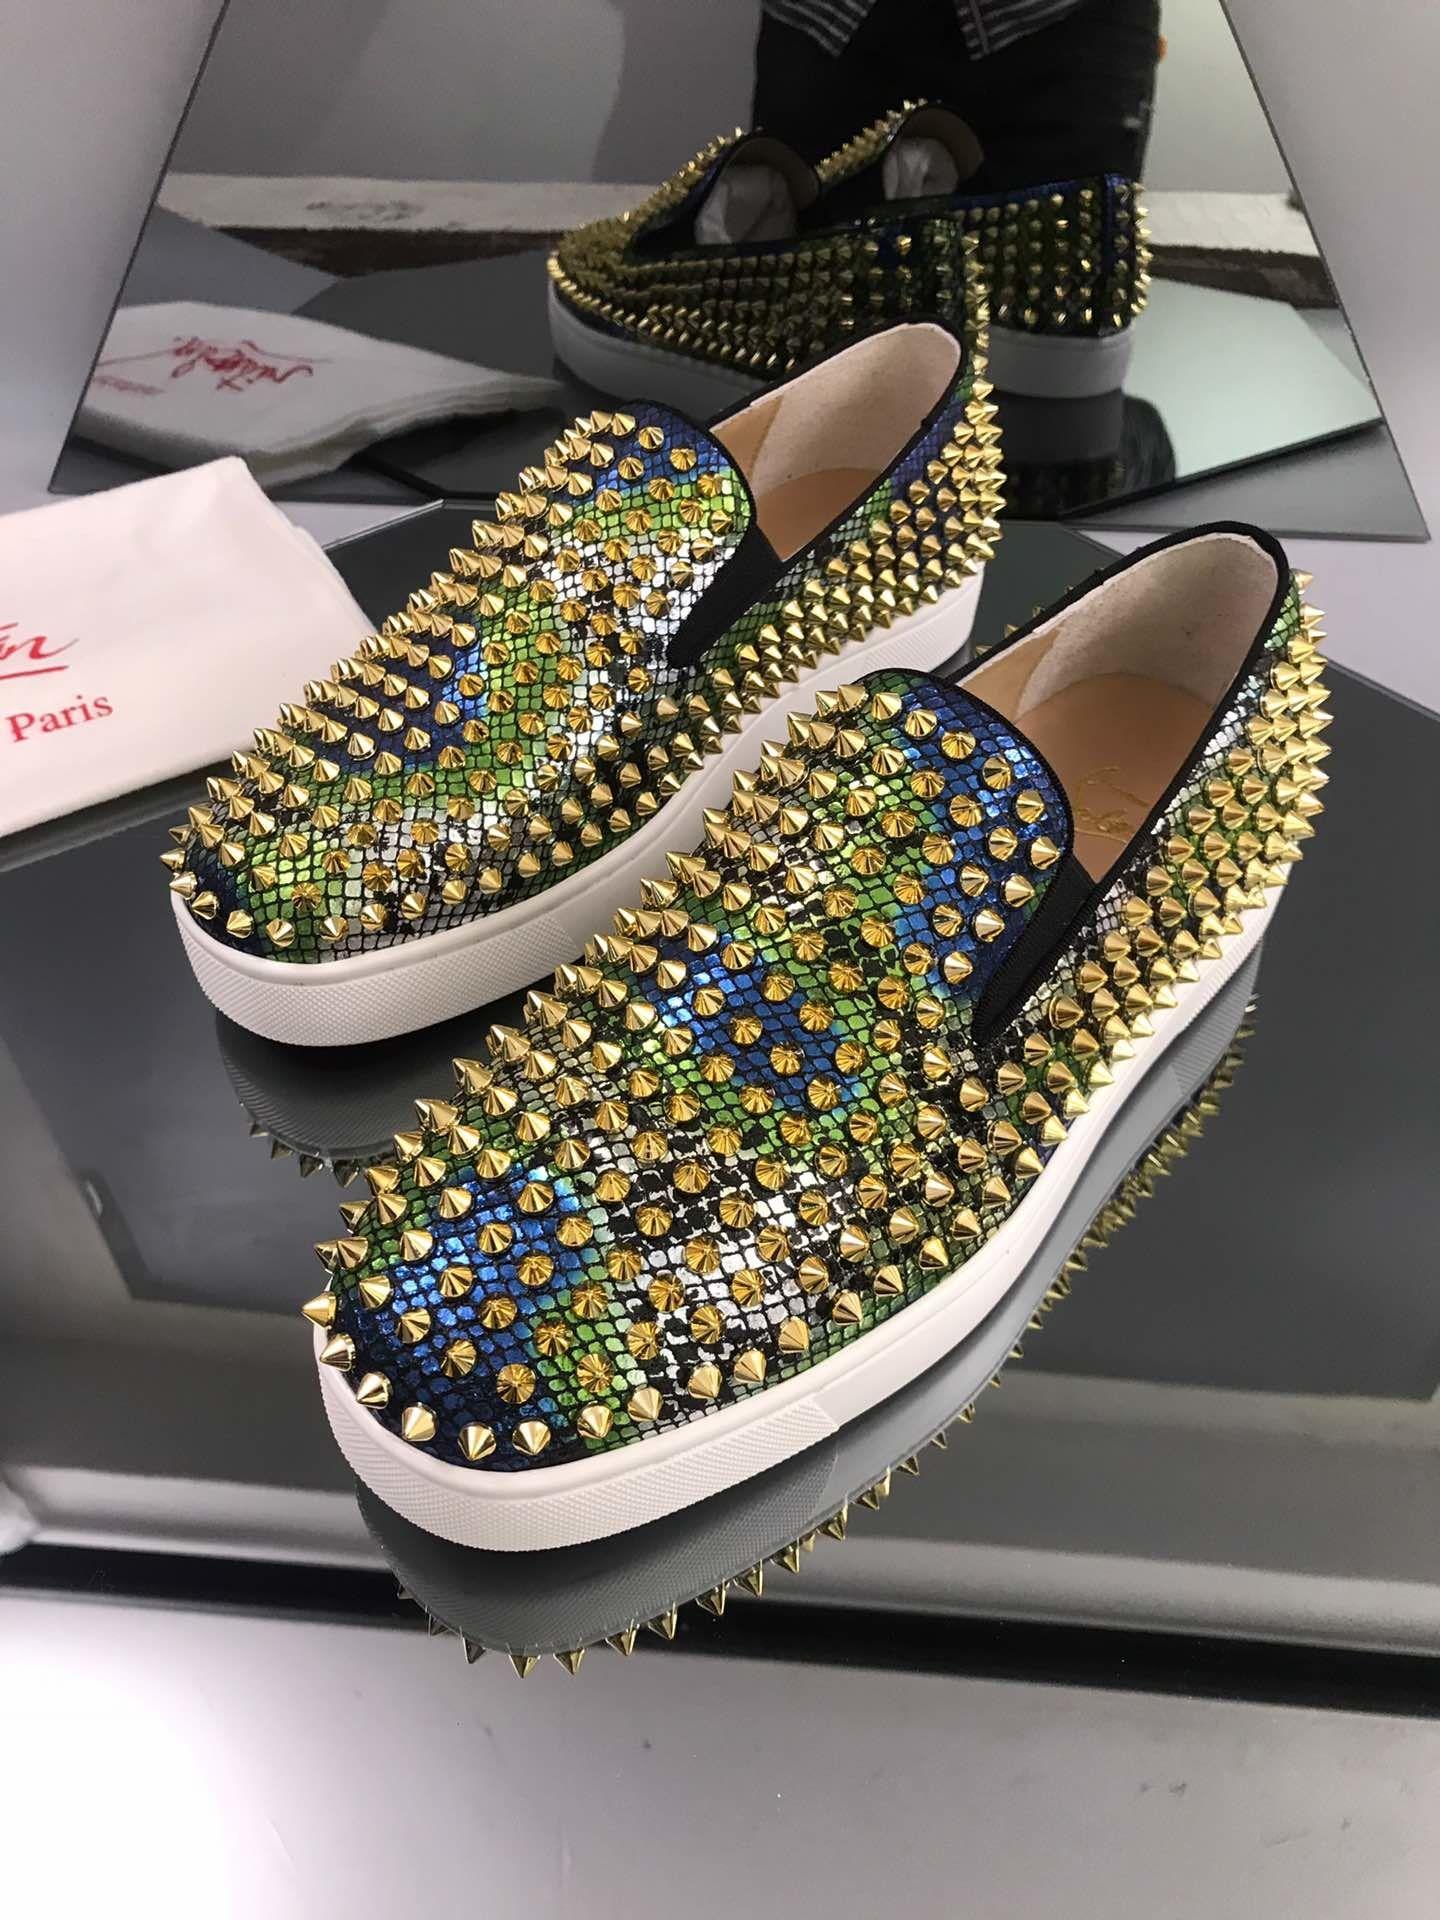 Роскошная мода модельер женская обувь Мужская обувь тренер платформа повседневные кроссовки цветные красные днища огненный размер продукта 35-46